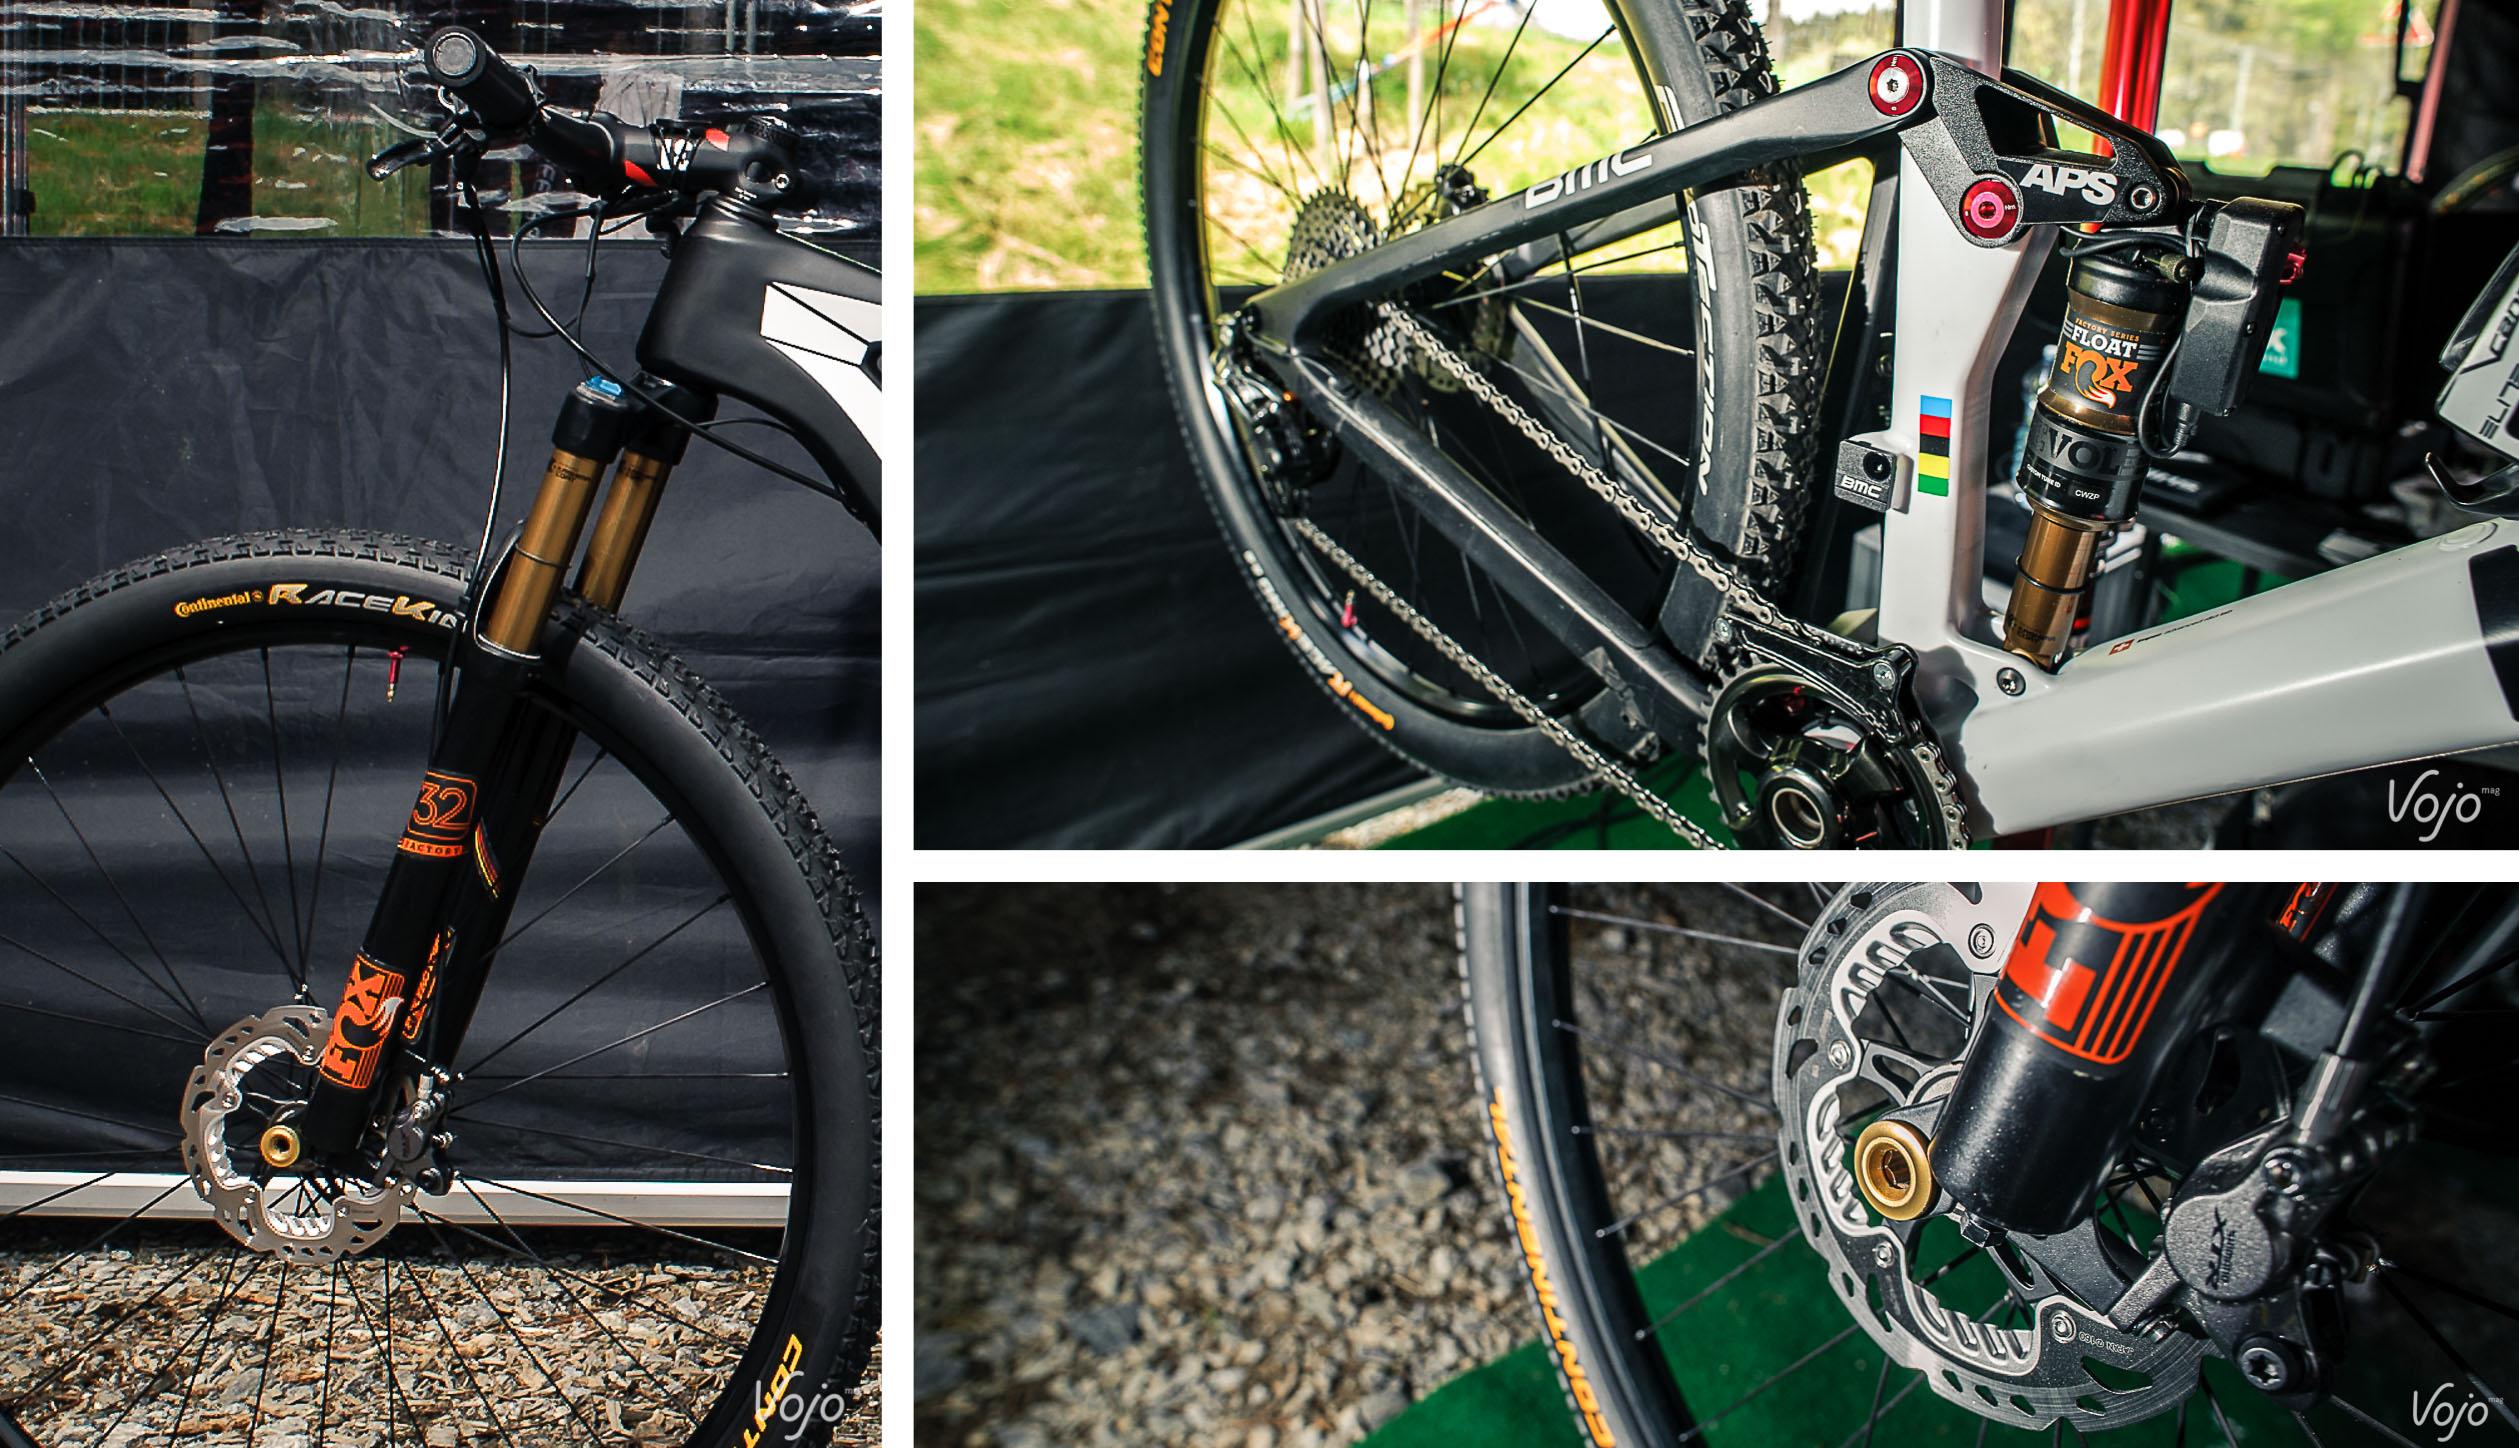 4-BMC_TE01_MTT_Julien_Absalon_World_Cup_Bike_Copyright_OBeart_VojoMag-1